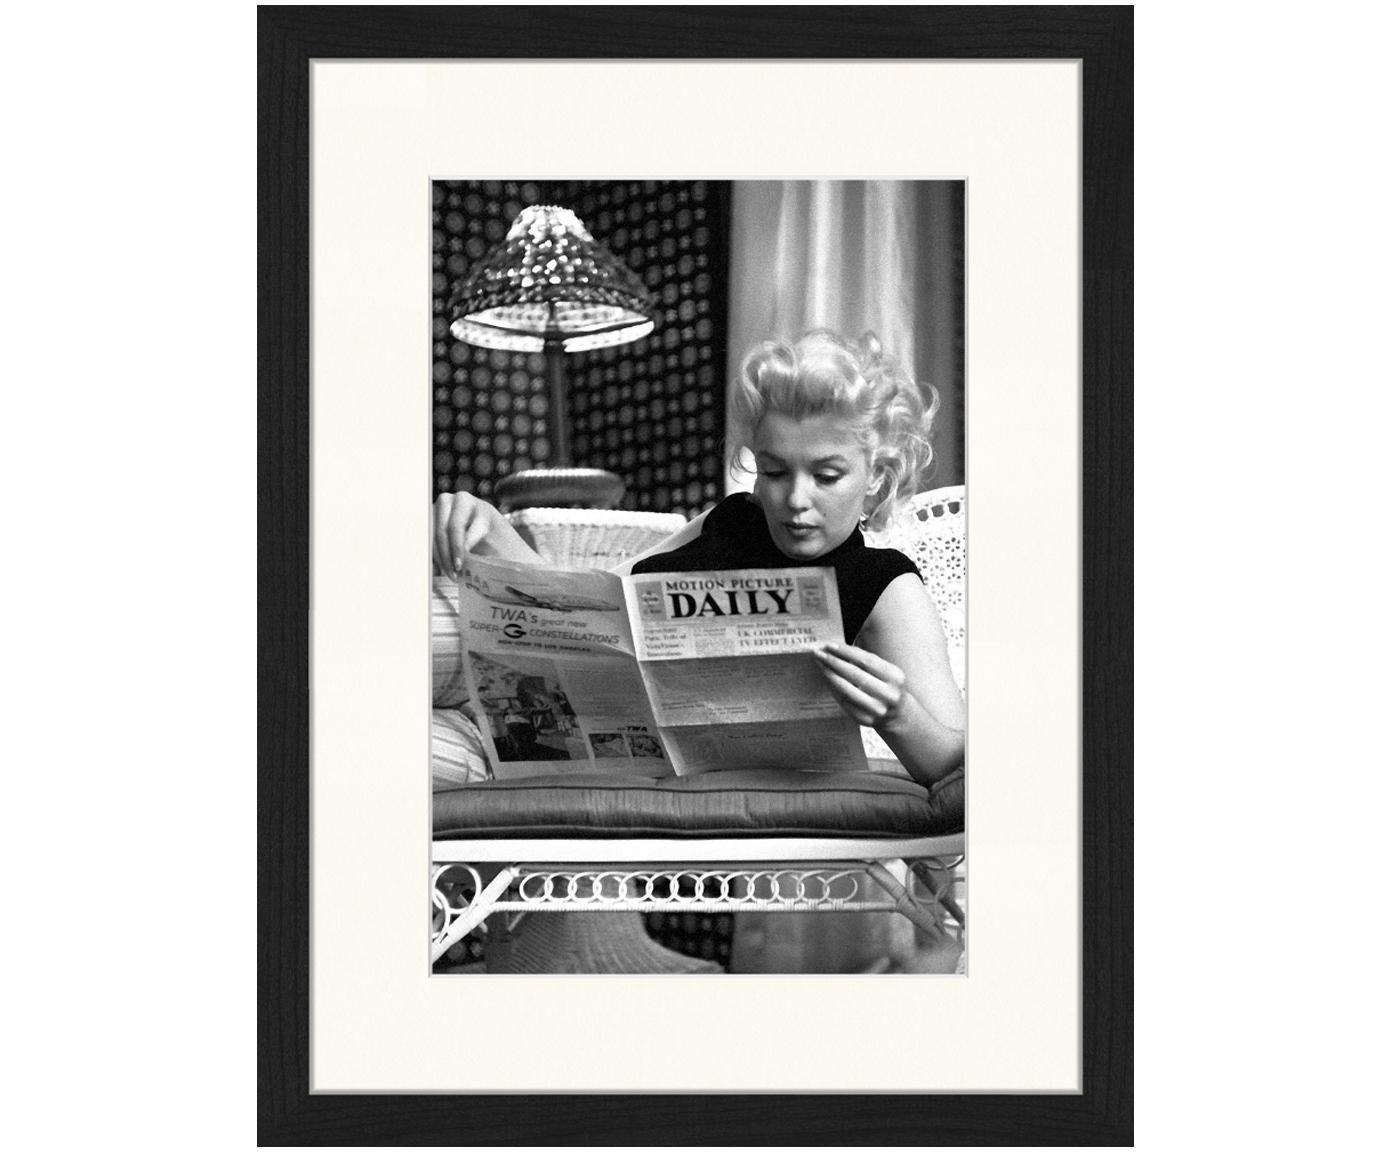 Stampa digitale incorniciata Marilyn Monroe Reading, Immagine: stampa digitale su carta,, Cornice: legno verniciato, Immagine: nero, bianco Cornice: nero, Larg. 33 x Alt. 43 cm